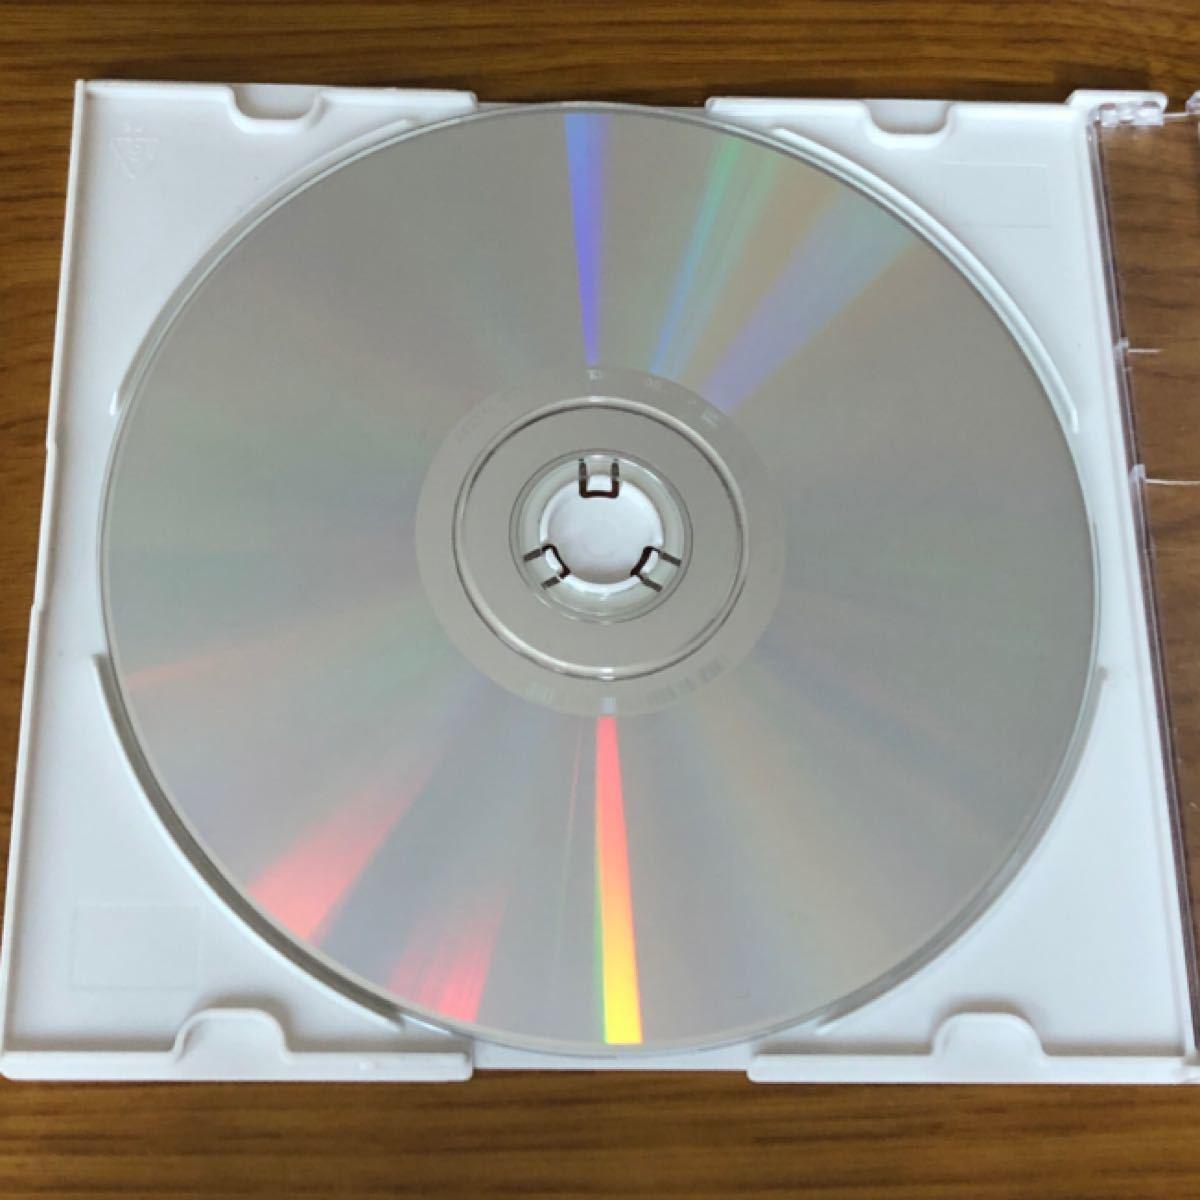 Gテン!DVD ギョーテン! Vジャンプスペシャルふろく 非売品 NARUTO BLEACH ドラゴンボール NINTENDO